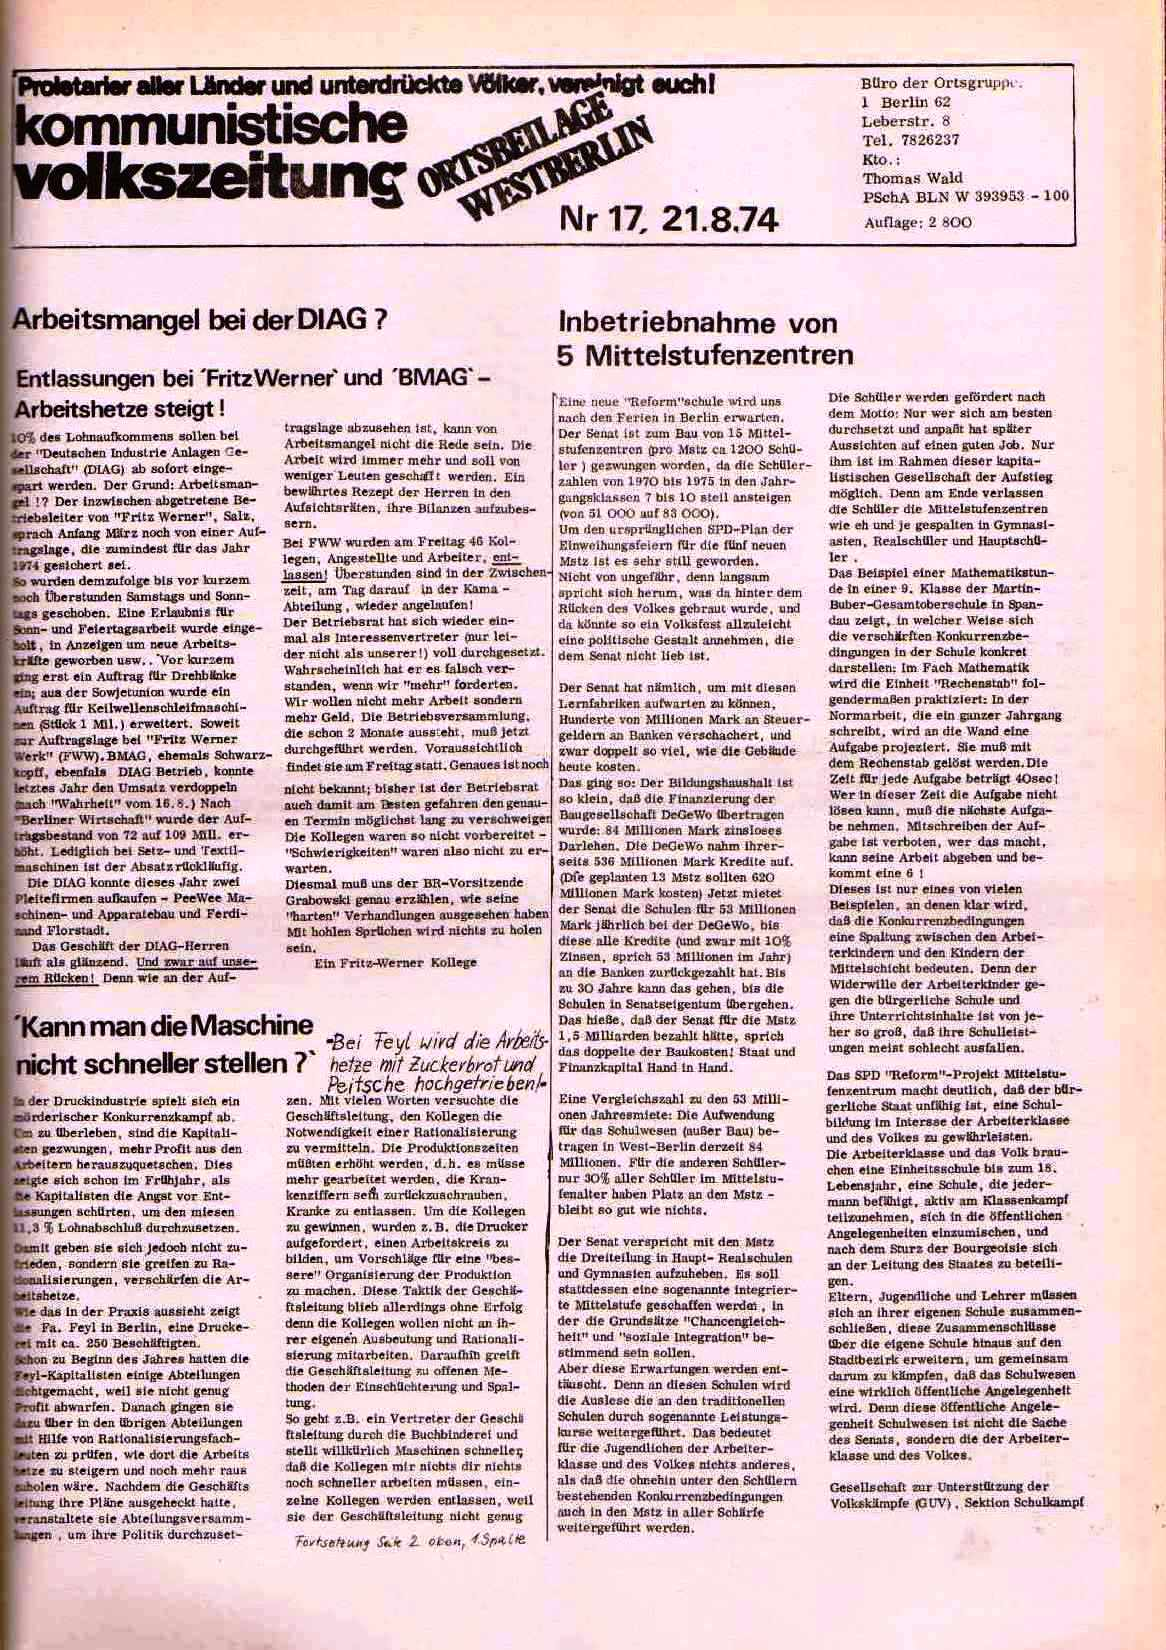 KVZOBL_Berlin021